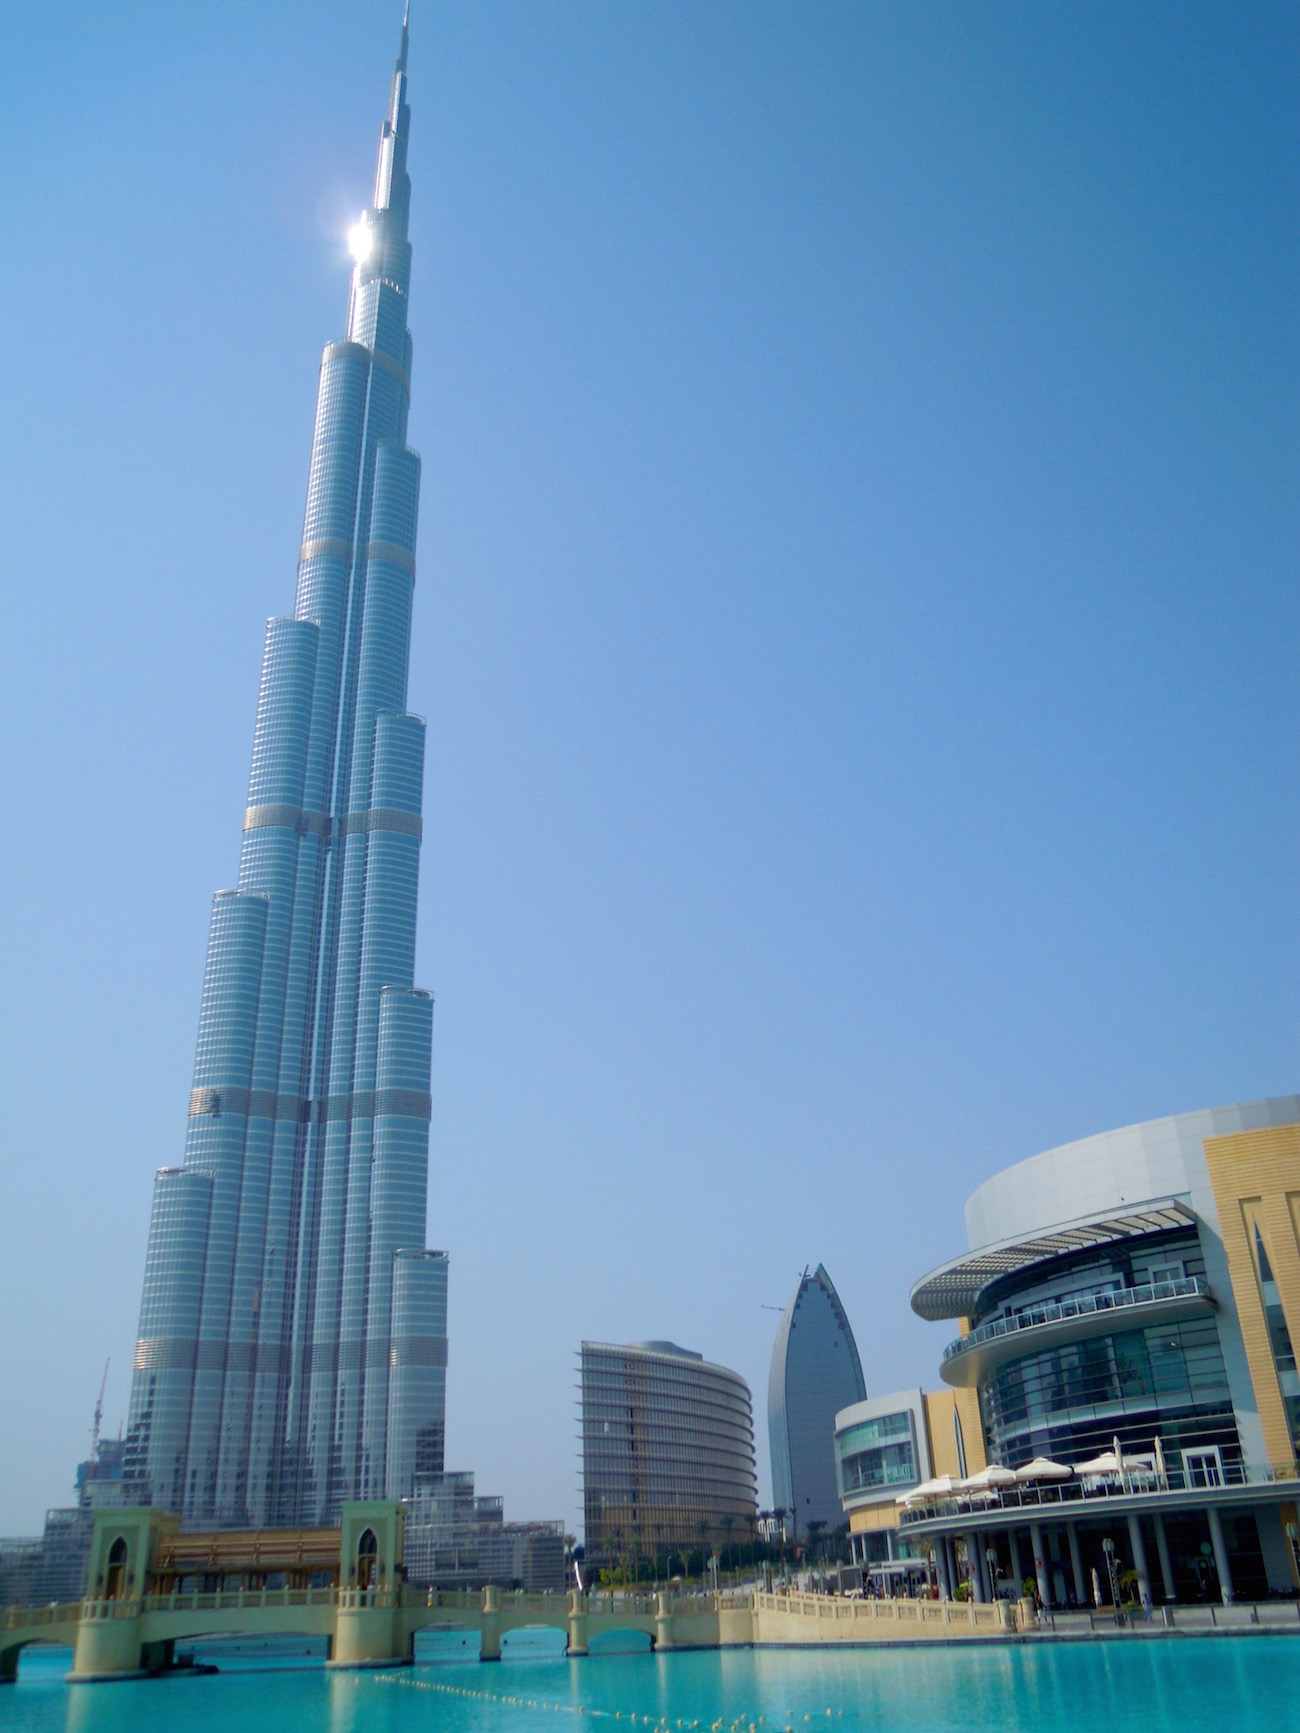 Sollten Gays nach Dubai reisen?